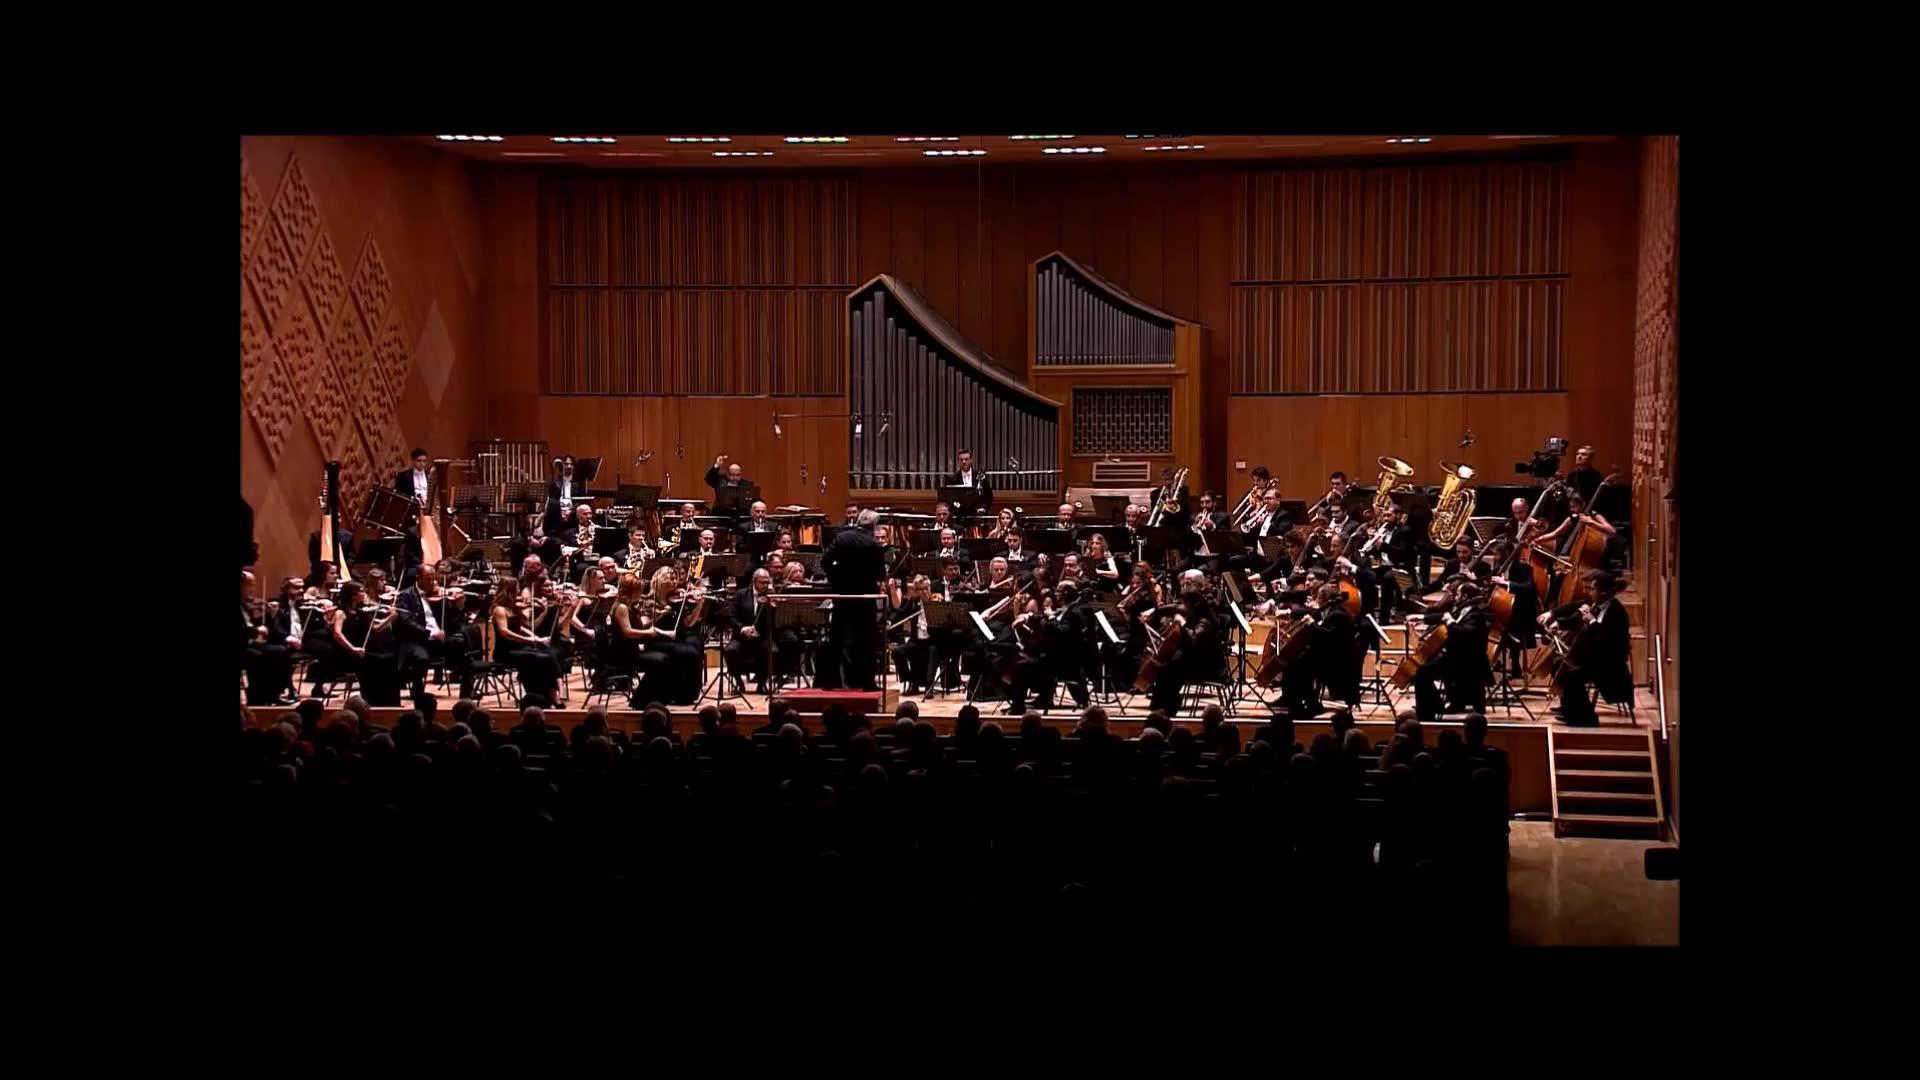 Cumhurbaşkanlığı Senfoni Orkestrası Konseri